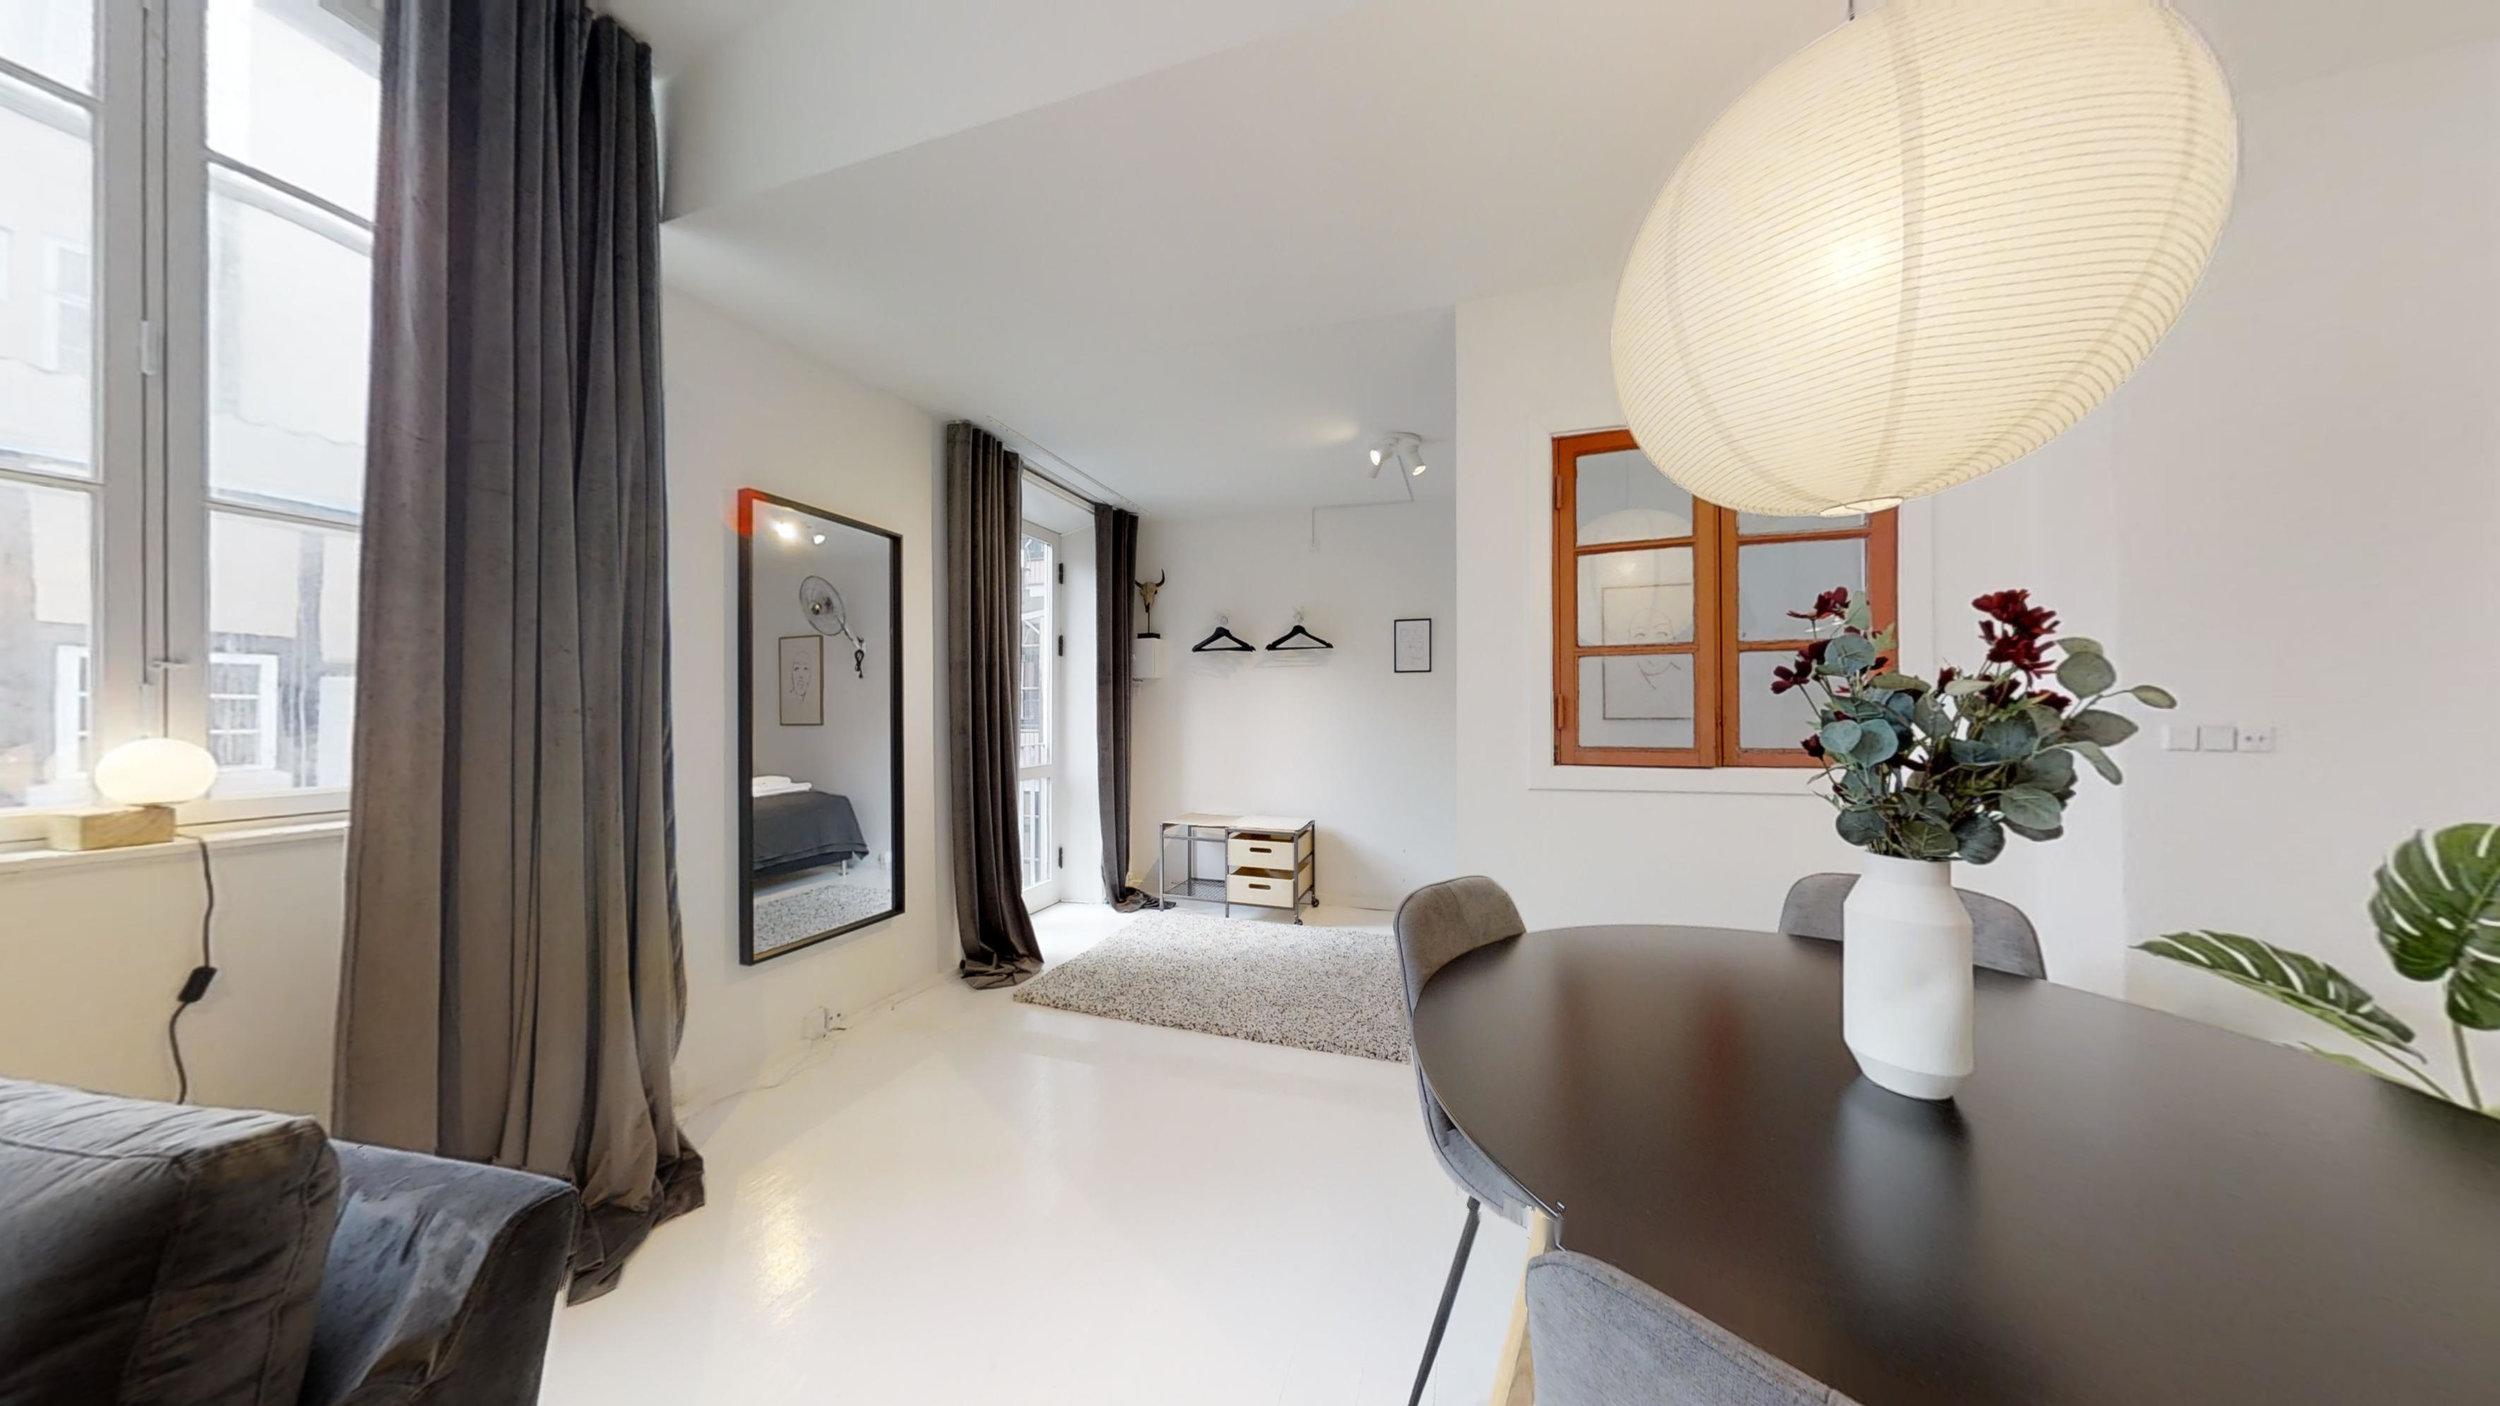 Hotellejlighed-Store-Kongensgade-44-2-sal-11052018_133834.jpg